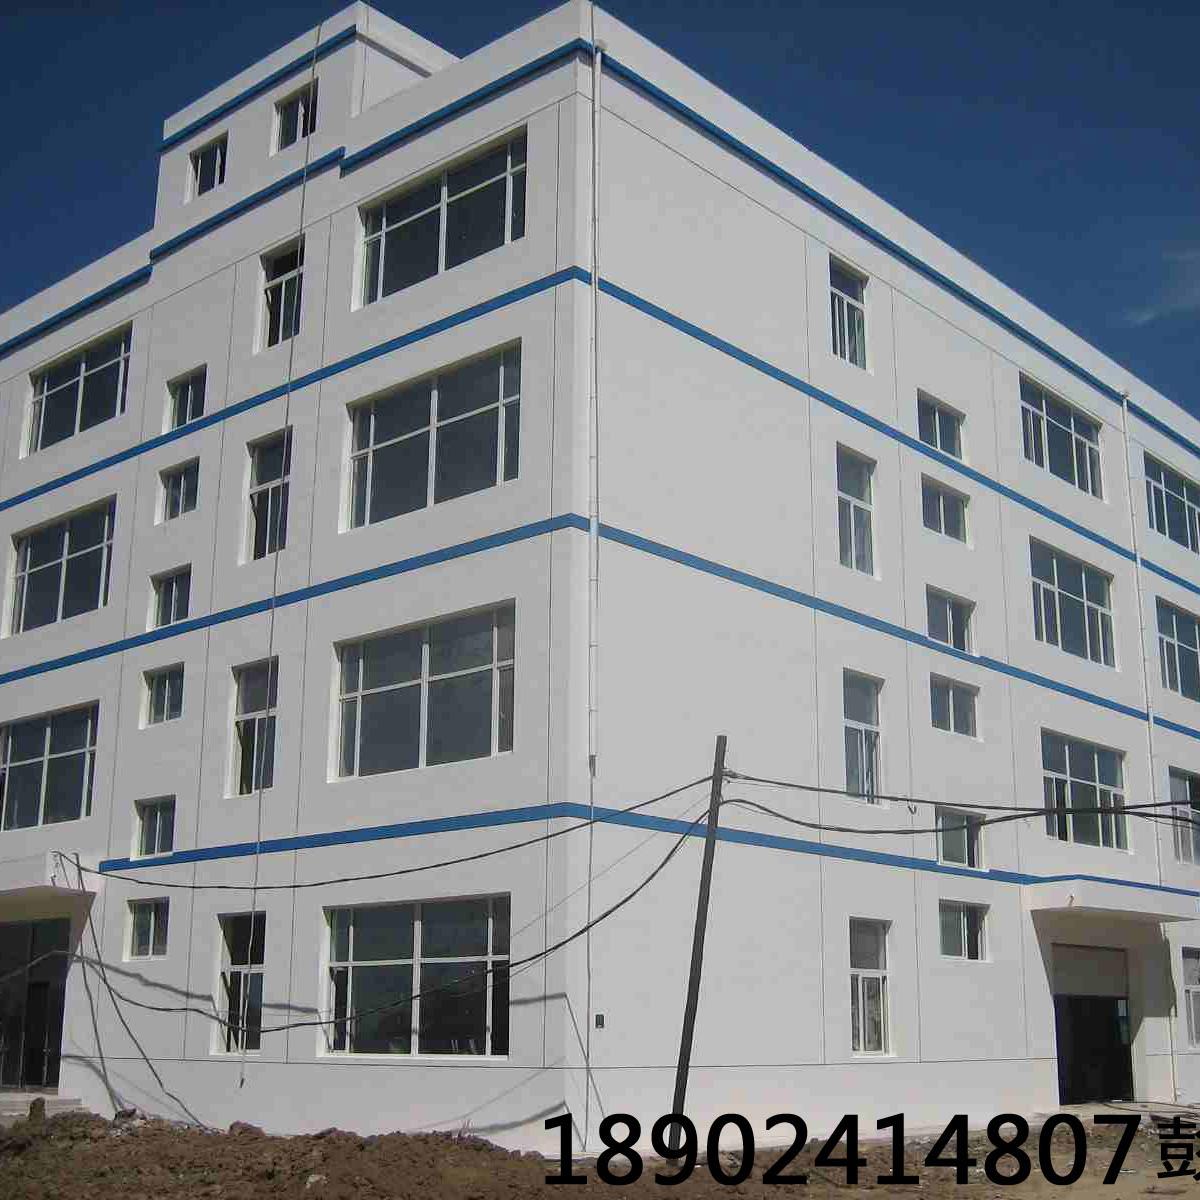 外墙优质工程涂料专业生产美涂士外墙漆价格高级墙面进口质感涂料